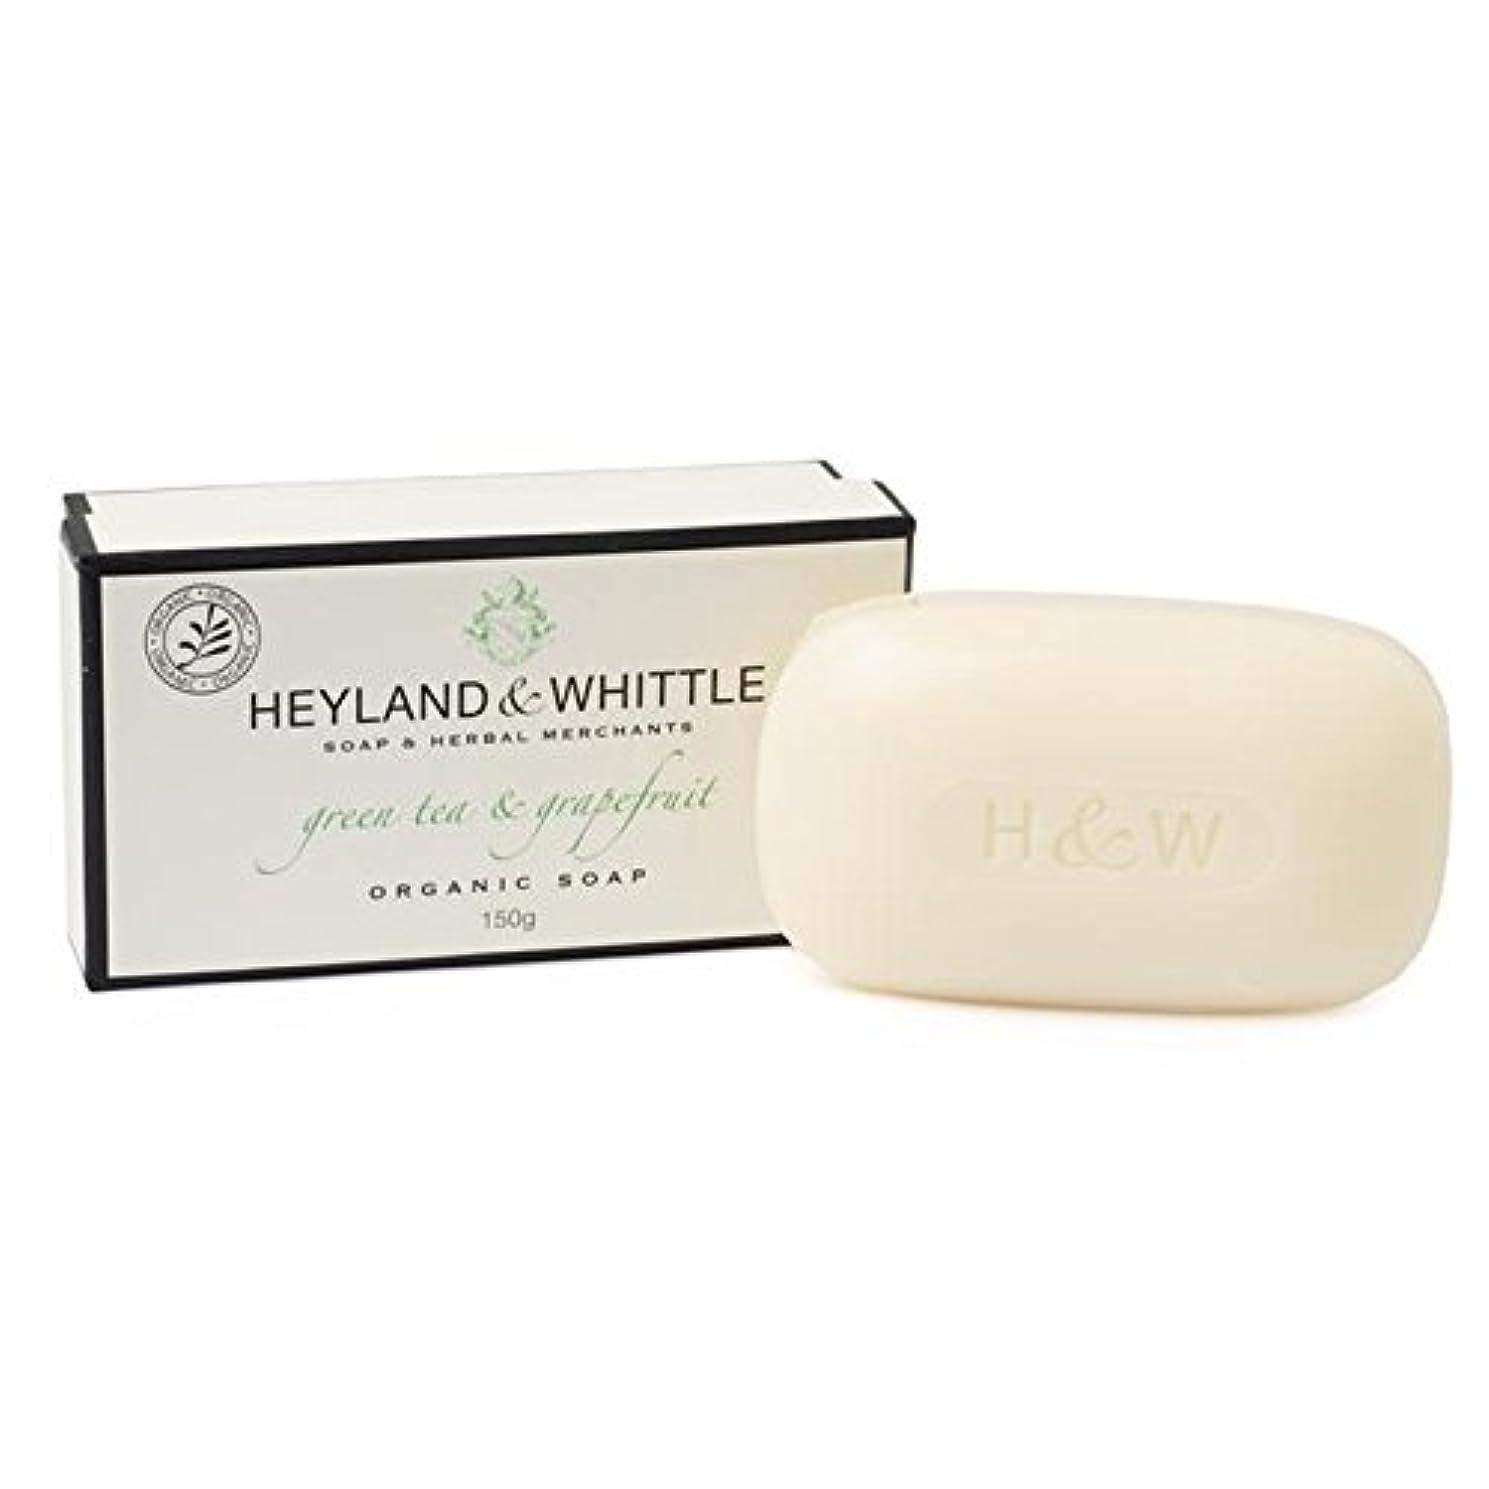 &削る緑茶&グレープフルーツはオーガニックソープ150グラム箱入り x2 - Heyland & Whittle Green Tea & Grapefruit Boxed Organic Soap 150g (Pack...